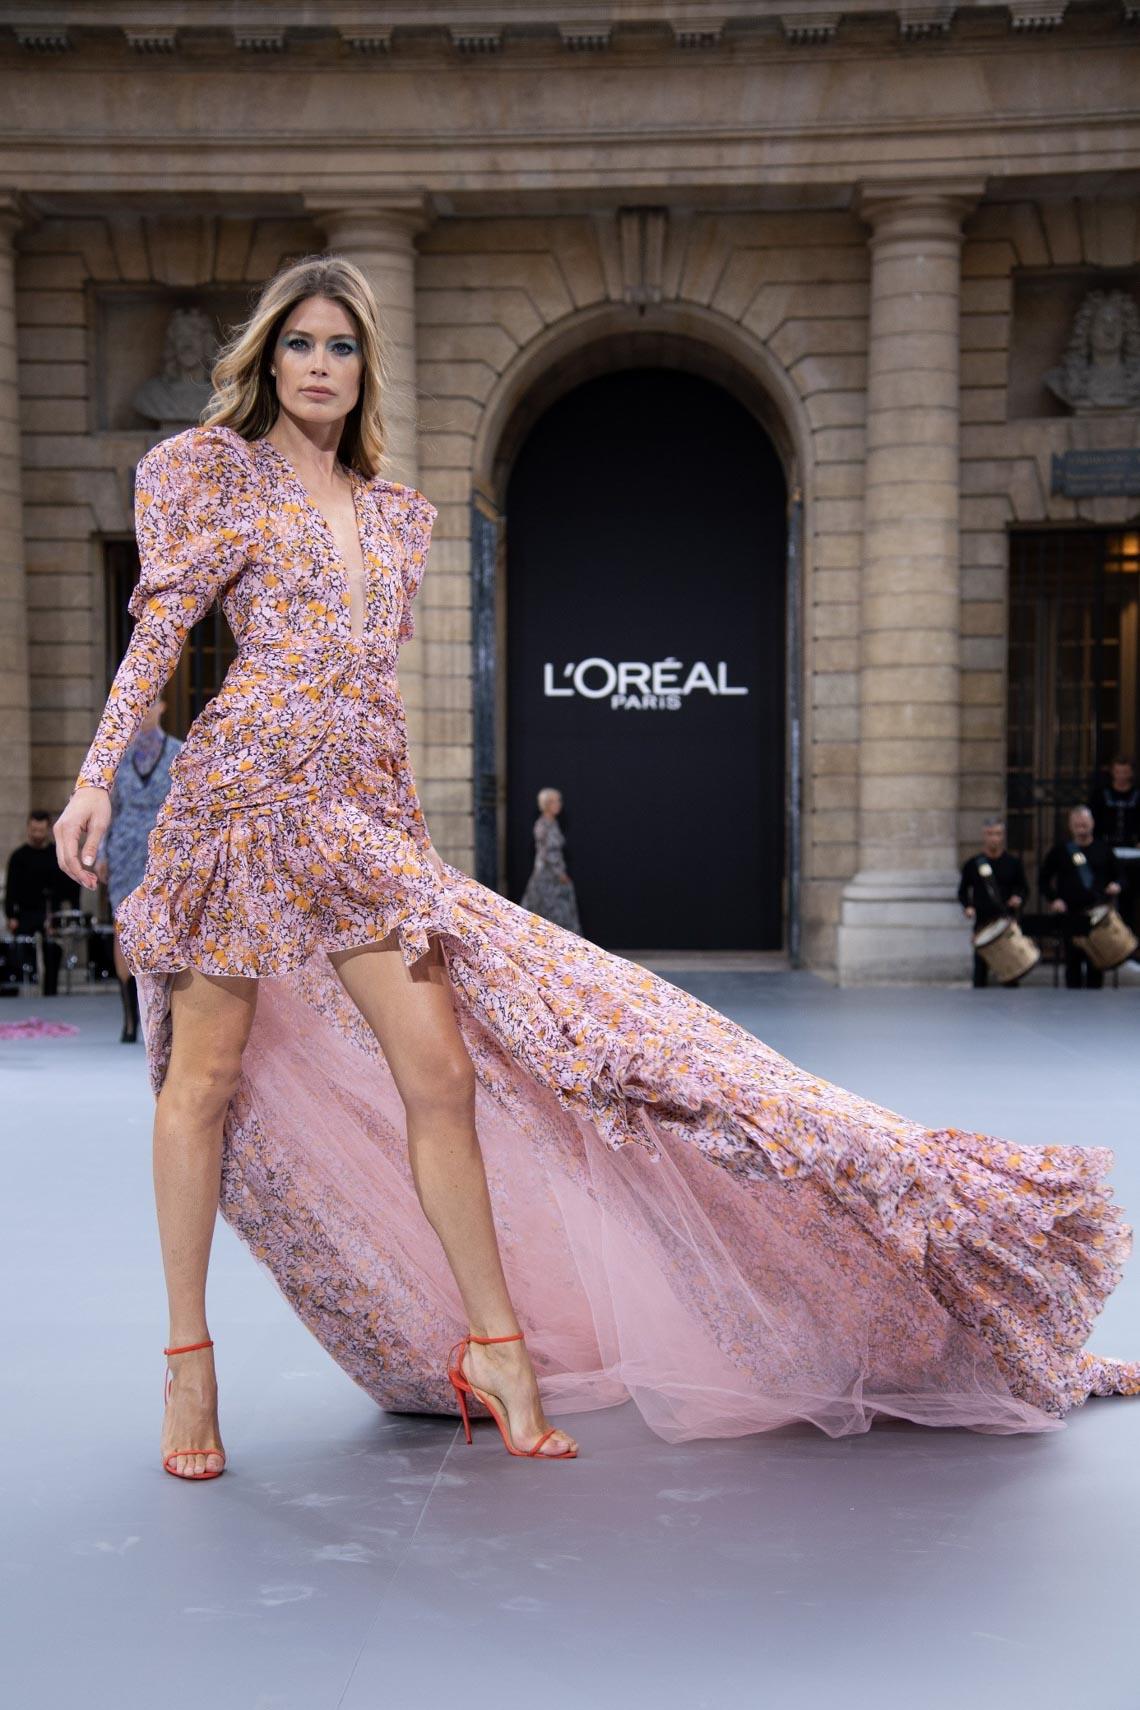 Show diễn Le Défilé của L'Oréal Paris quy tụ tất cả các Đại sứ thương hiệu trên thế giới - 6